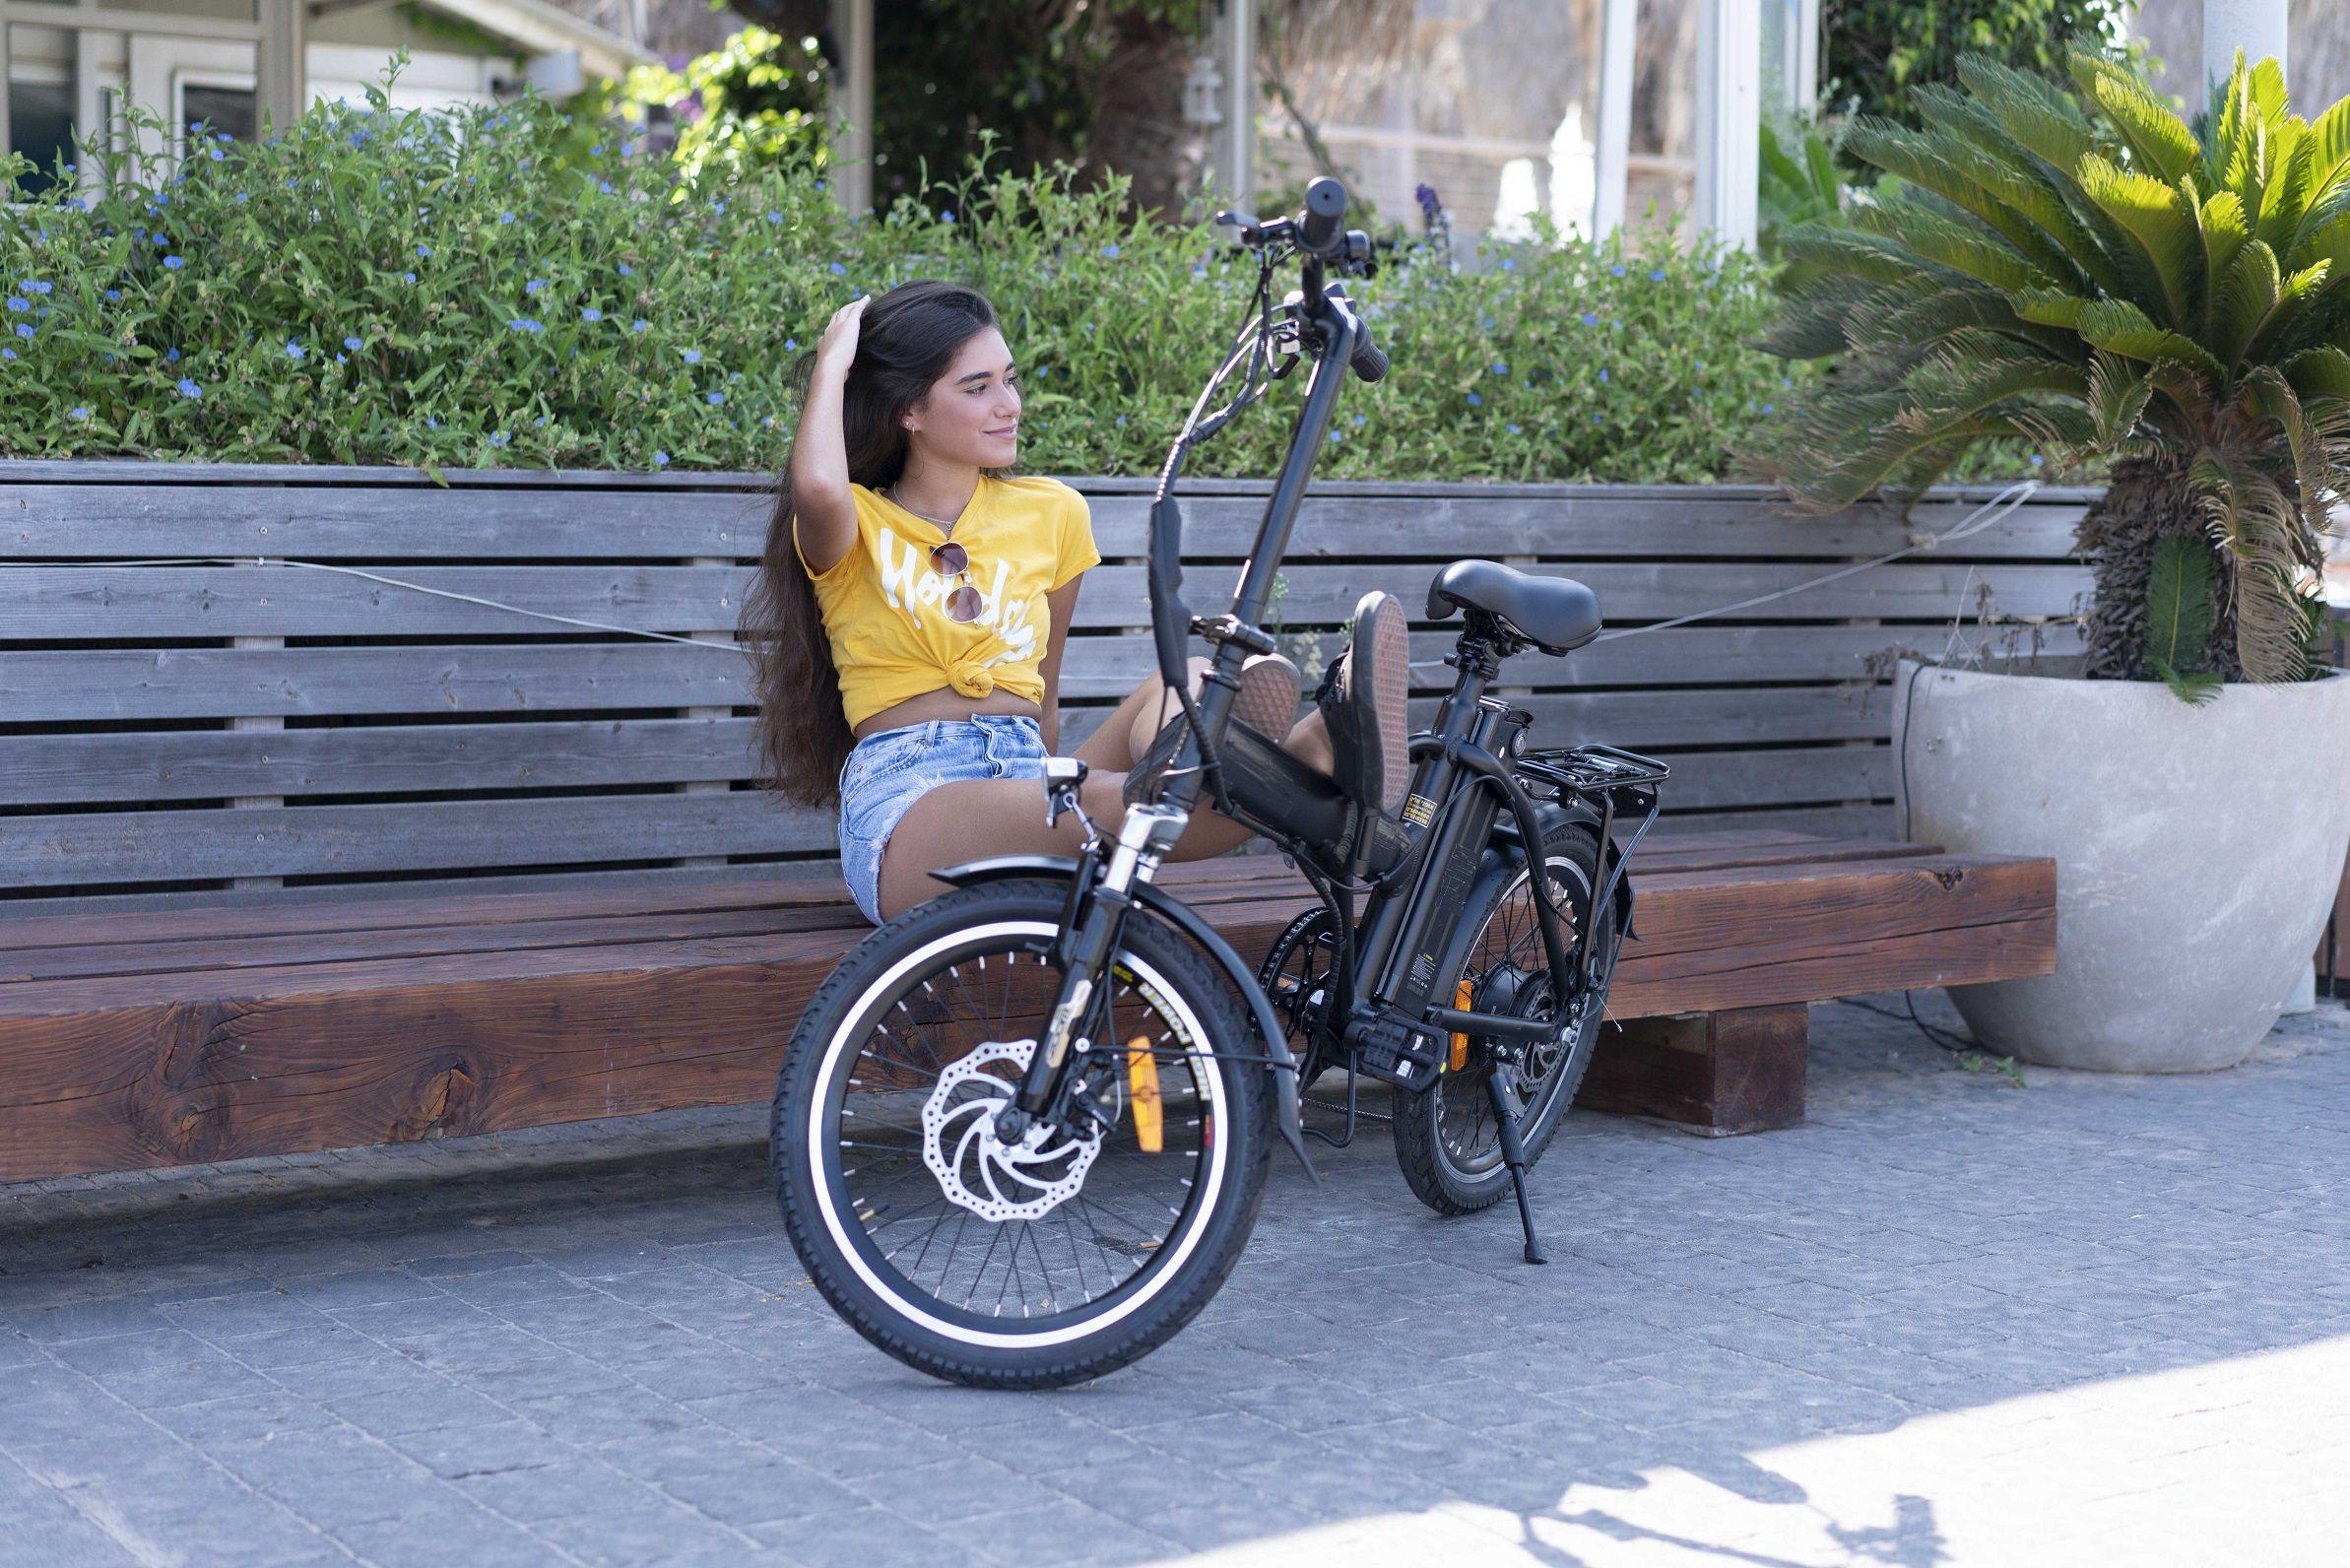 אופני פלורנטין, אופניים חשמליים בדרום תל אביב, אופניים חשמליות בתל אביב